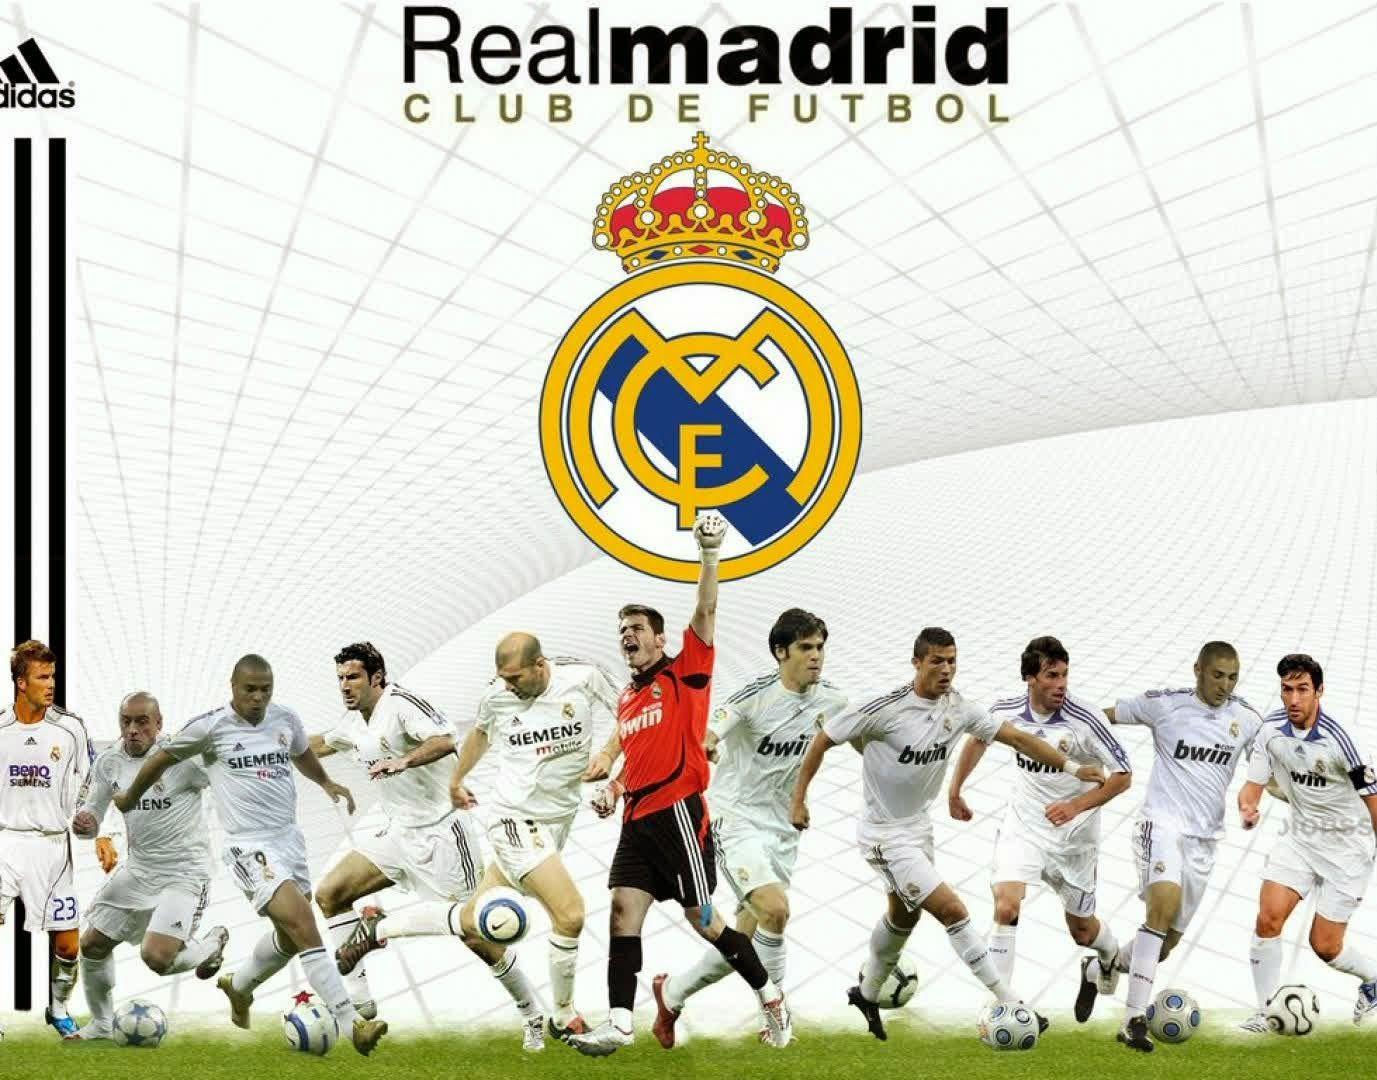 Daftar Nama Pemain Real Madrid Terbaru Musim 2014 2015